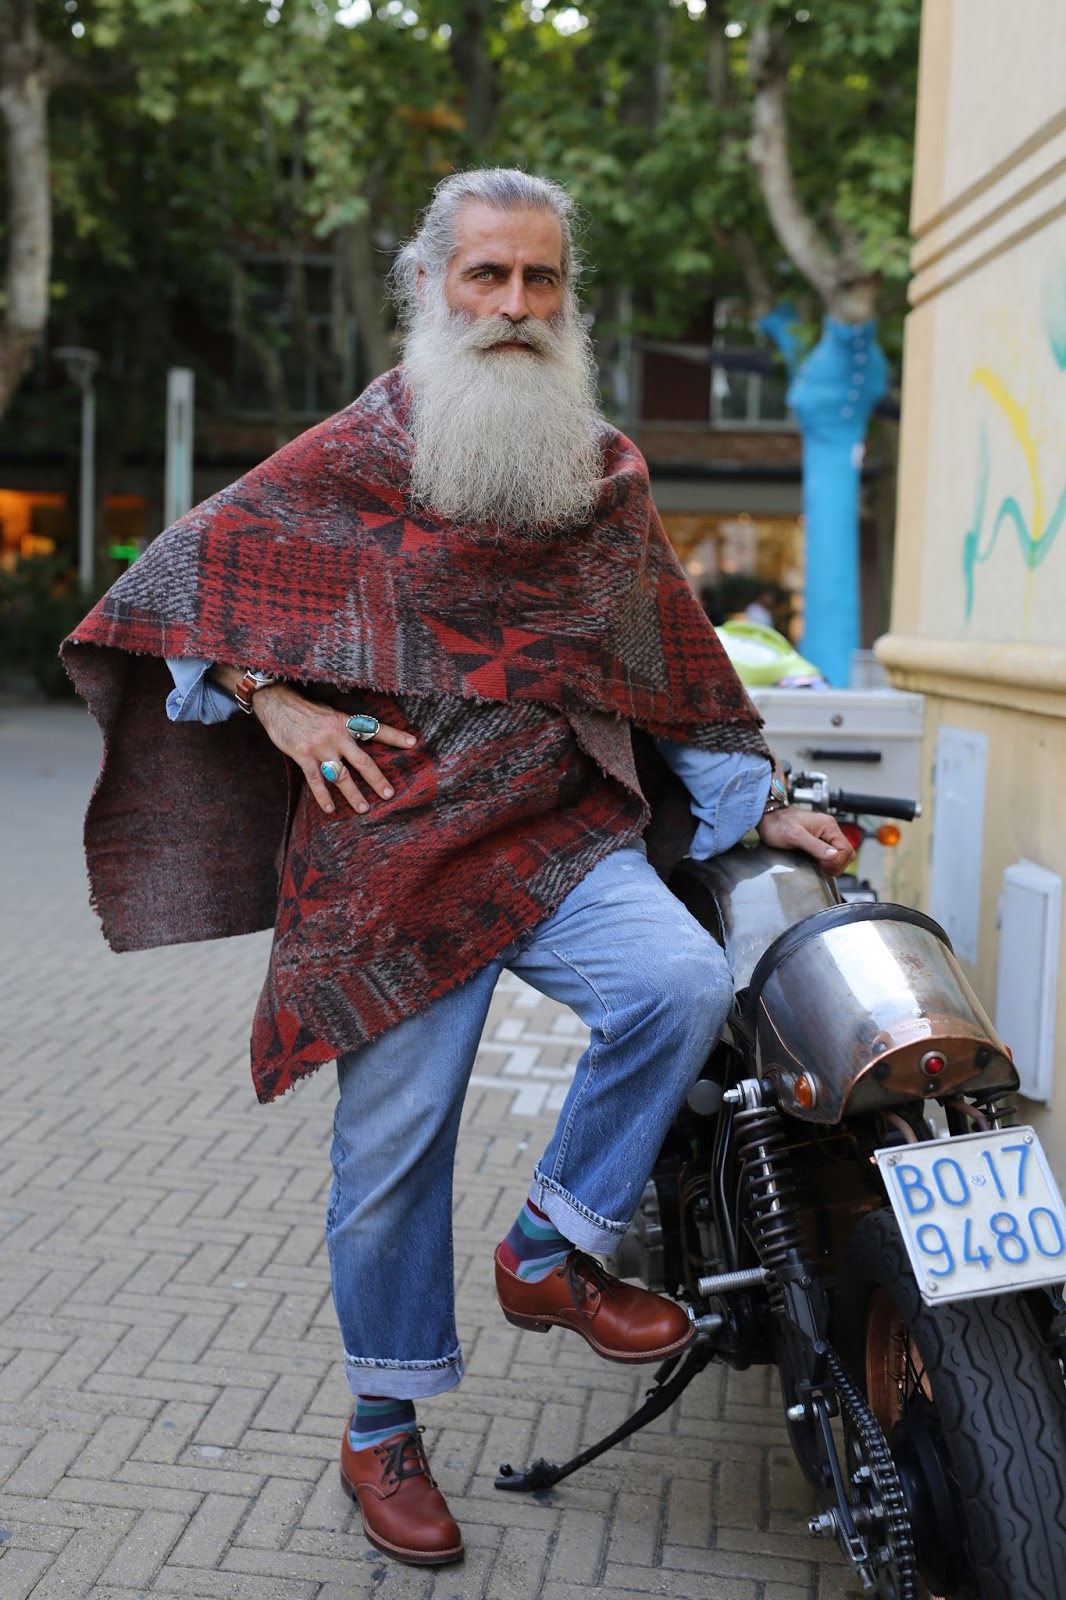 Мода вне возраста и времени: стильные образы пожилых людей